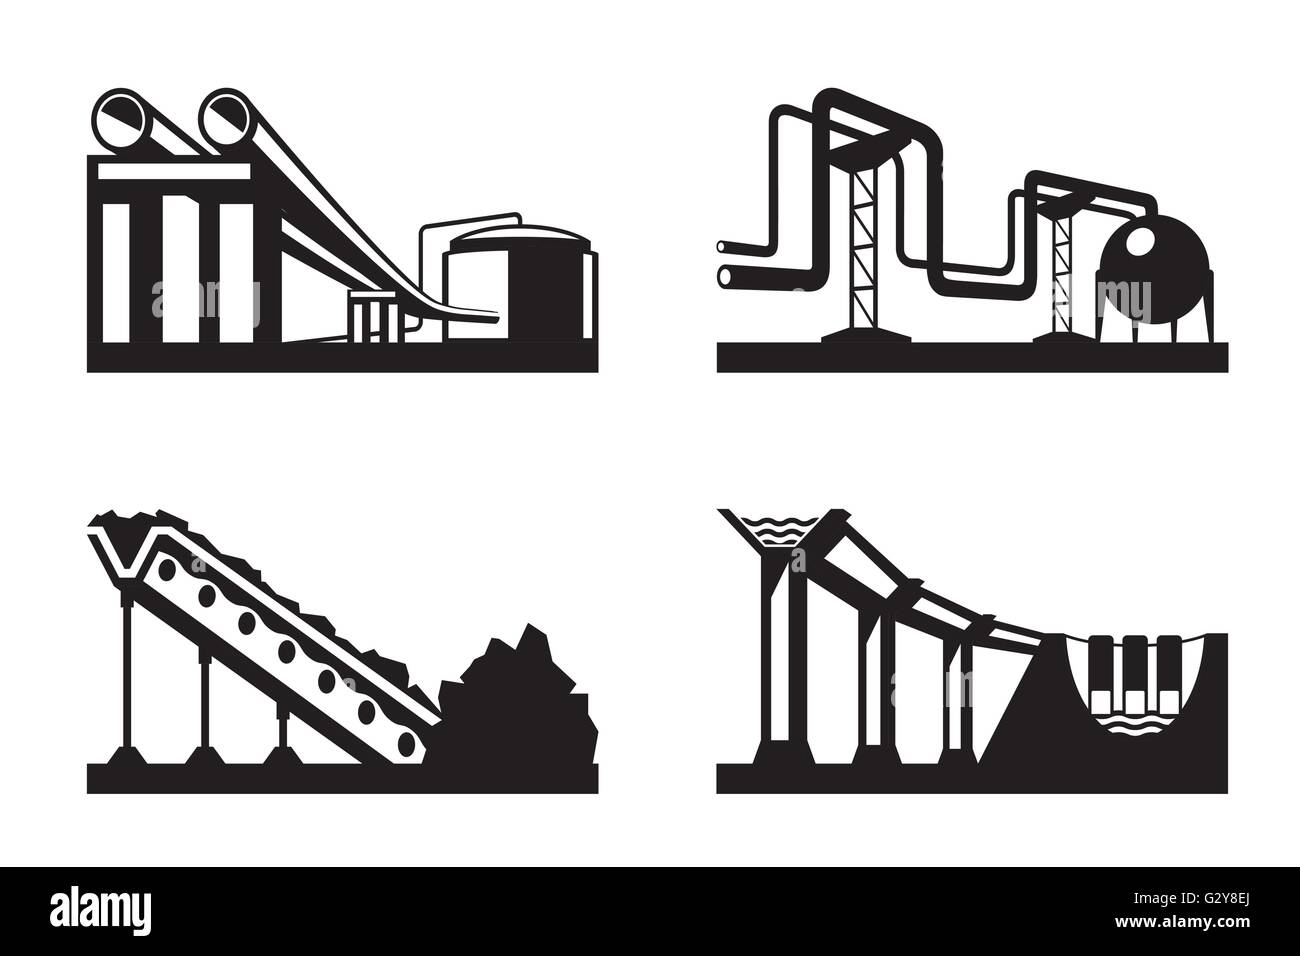 Magazzini per le risorse naturali - illustrazione vettoriale Immagini Stock